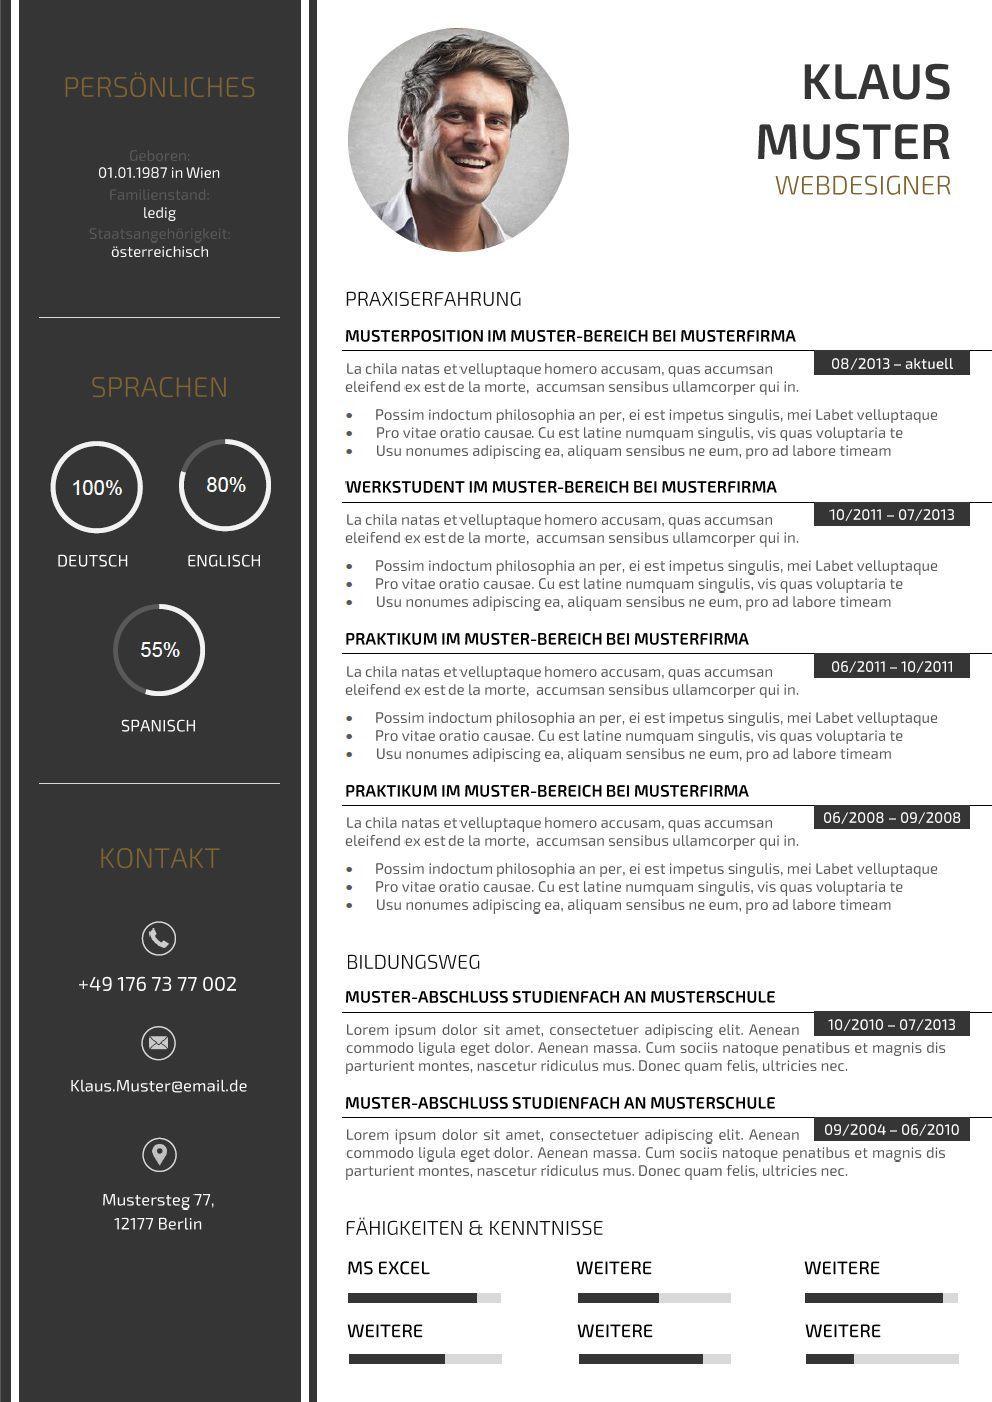 44 Lebenslauf Muster Vorlagen Für Die Bewerbung 2015 Resume D